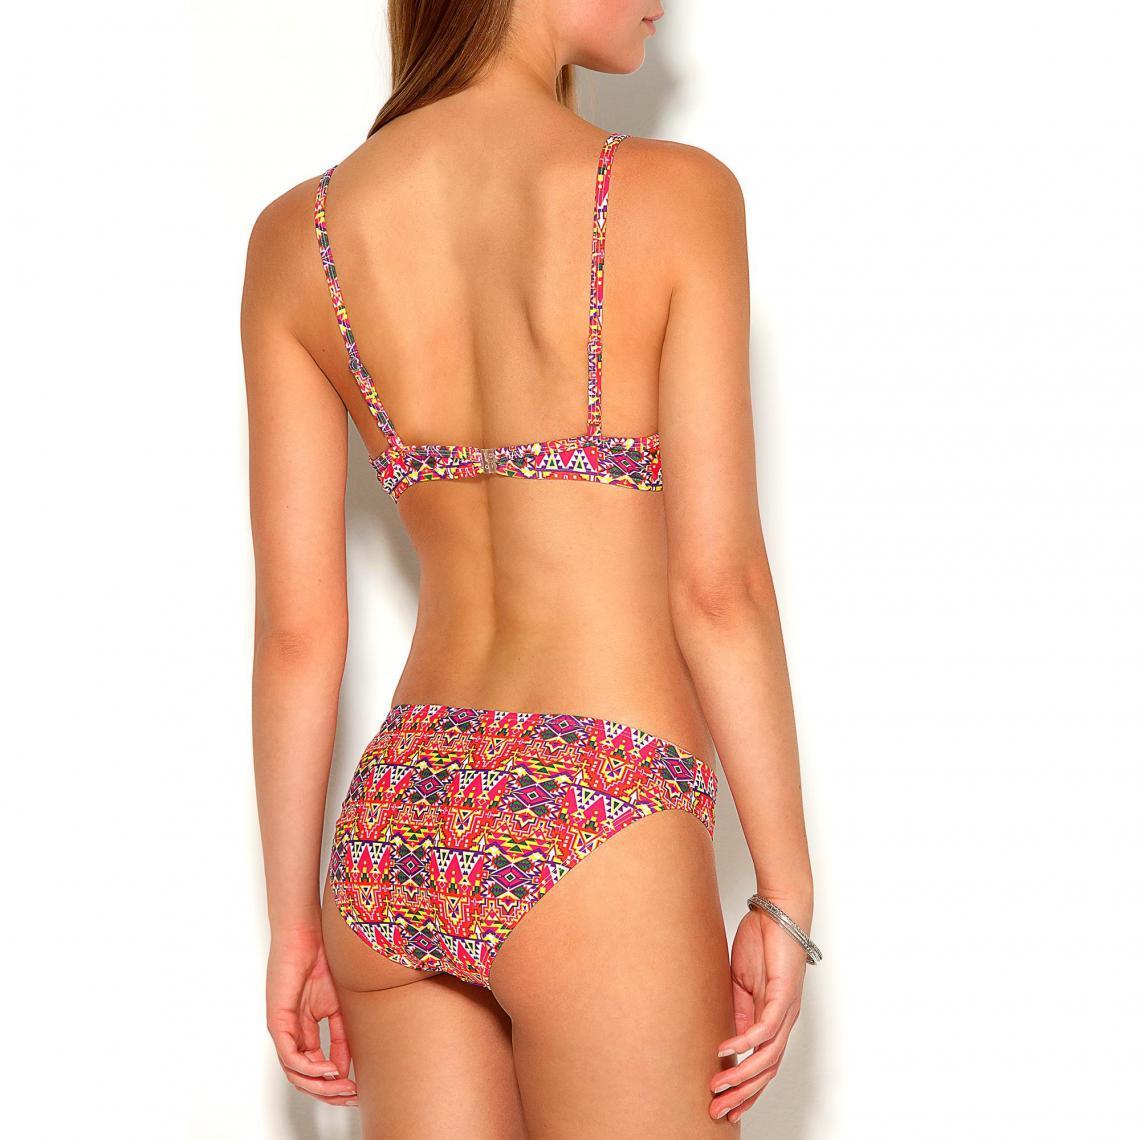 a55b142163 Maillot de bain bikini 2 pièces femme | 3 SUISSES